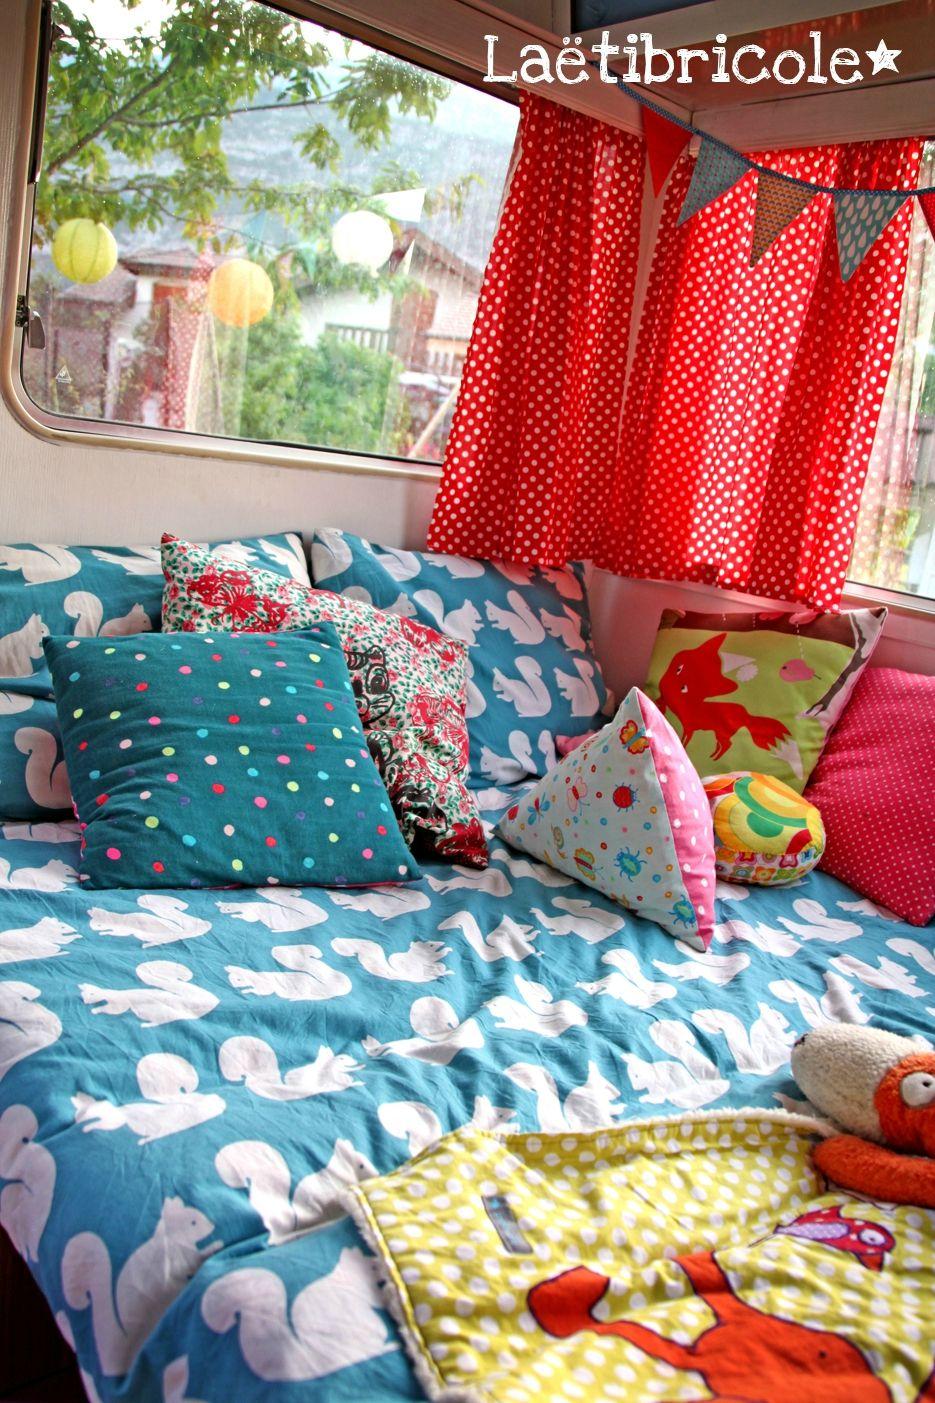 cabane et compagnie laetibricole petit camion pinterest caravane caravane deco et cabane. Black Bedroom Furniture Sets. Home Design Ideas